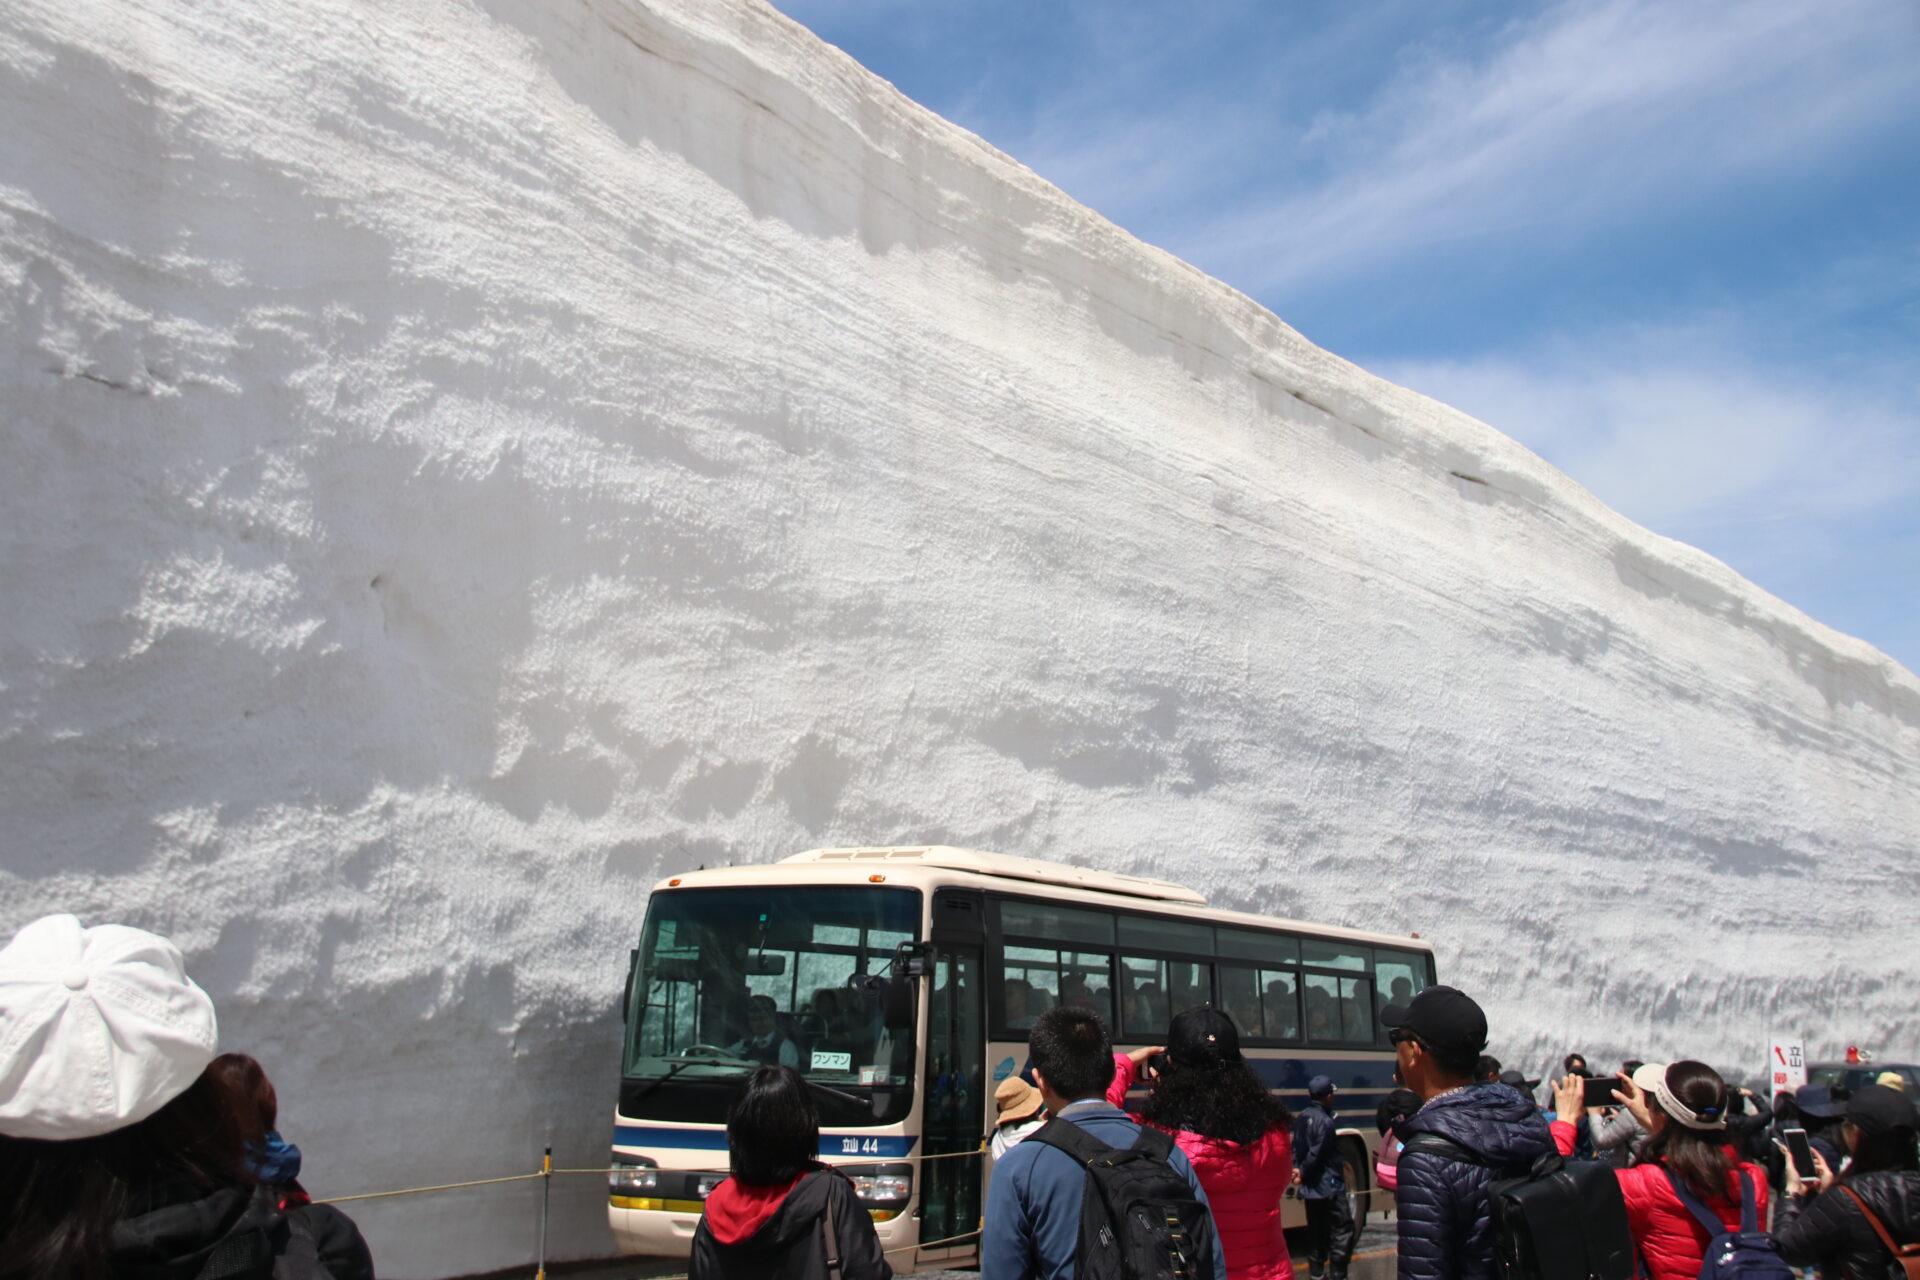 【立山アルペンルート】「雪の大谷」に行ってきました